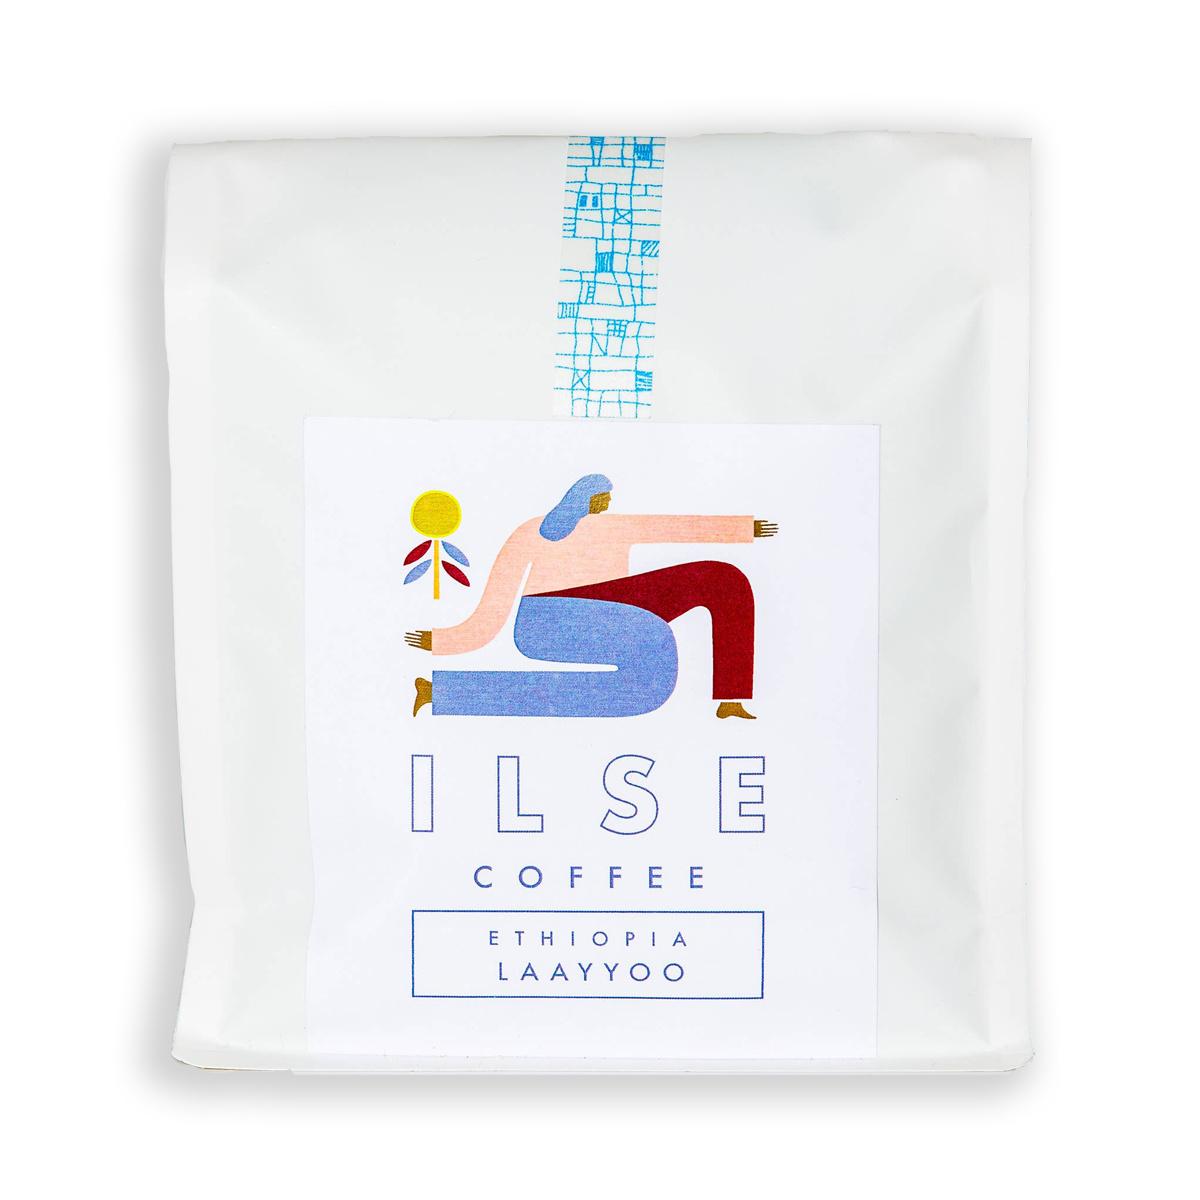 ILSE Coffee - ILSE Ilse Coffee - Laayyoo Ethiopia Coffee